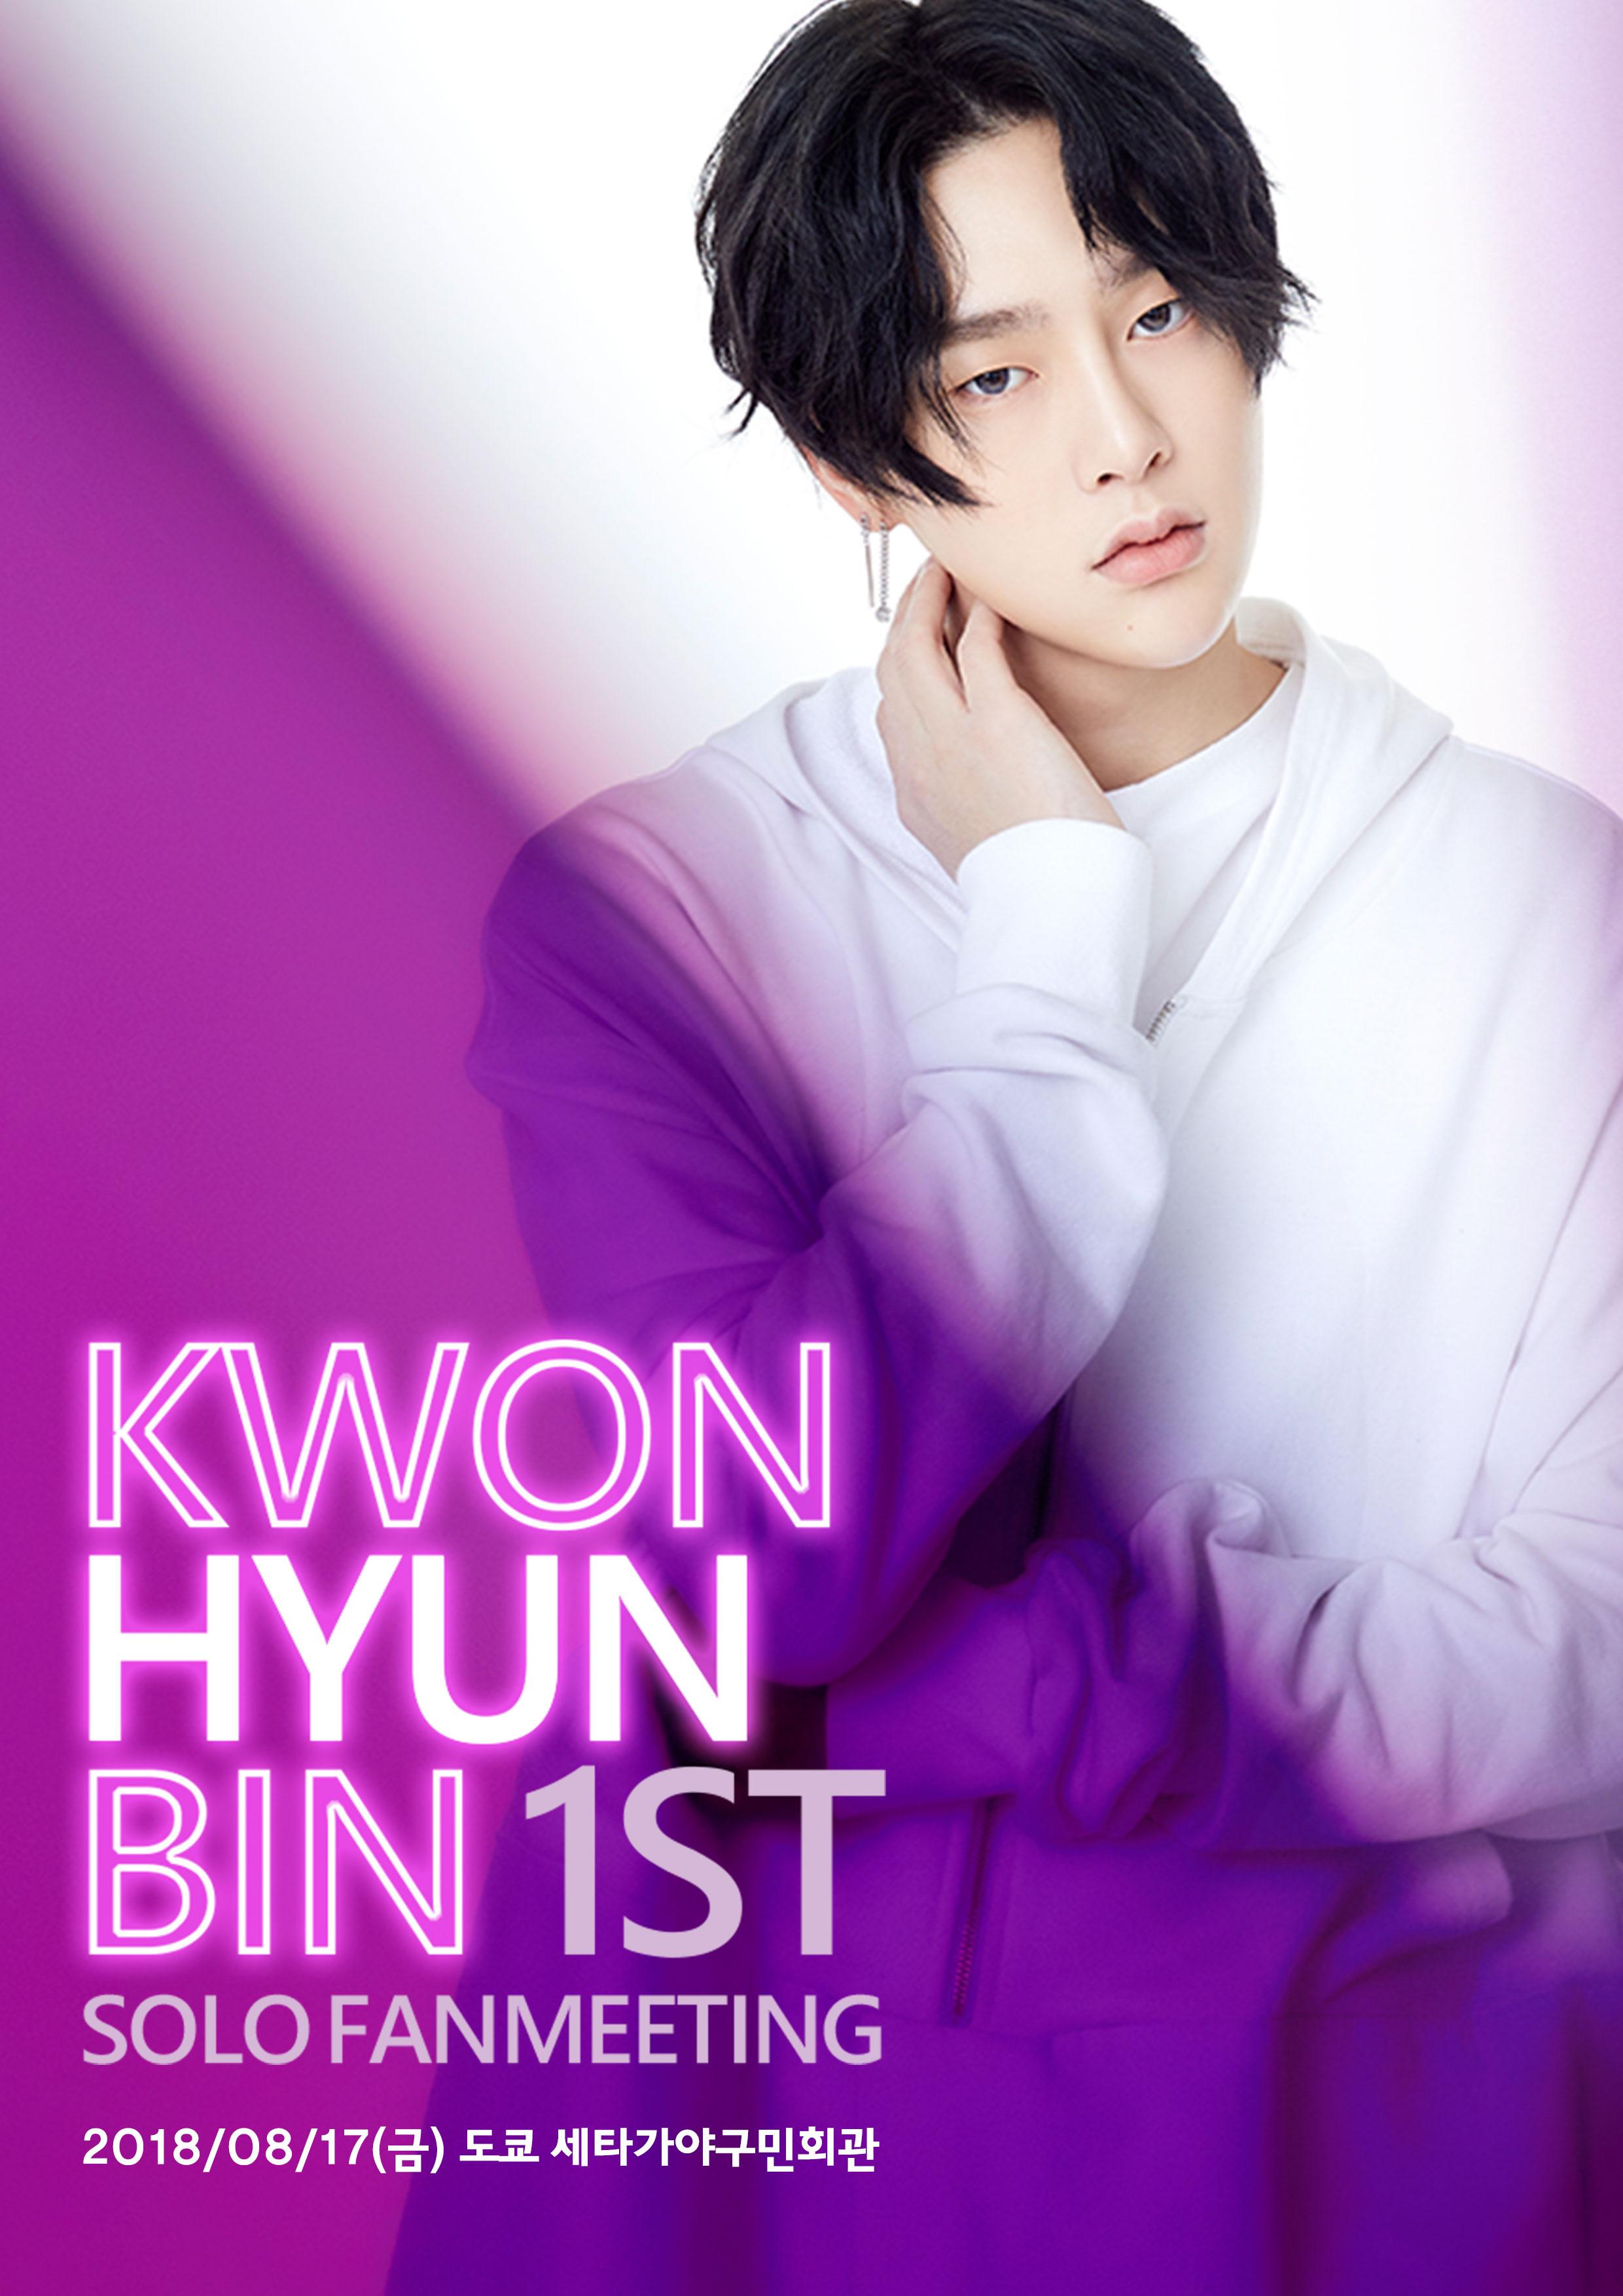 권현빈, 일본 도쿄에서 첫 단독 팬미팅 개최!